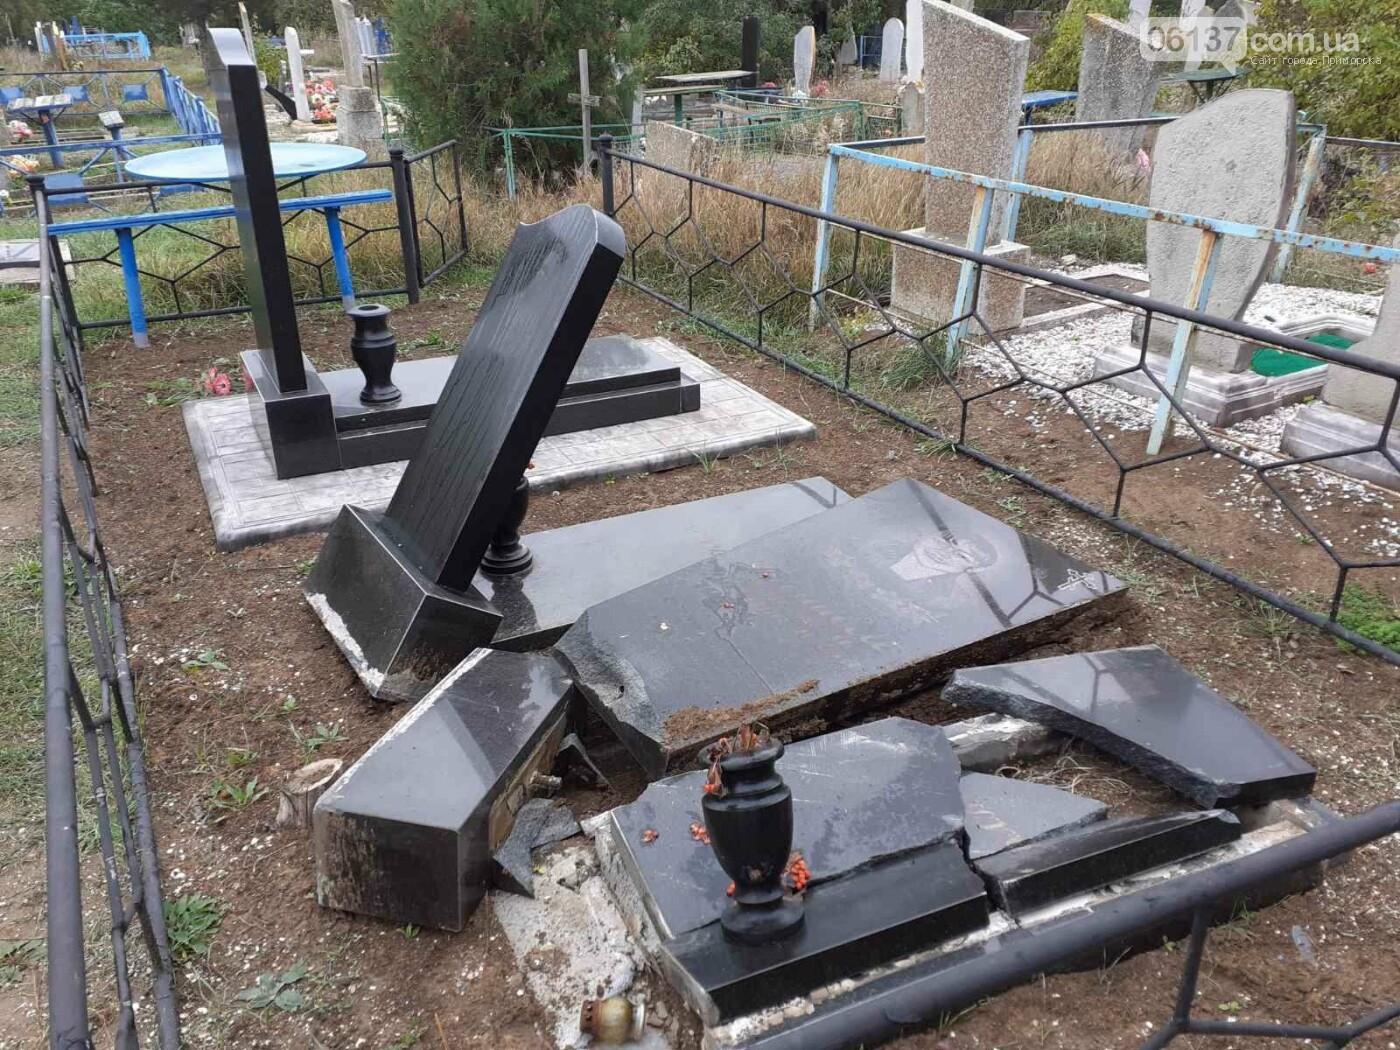 В Приморске Запорожской области вандалы разрушили могильные надгробия, фото-1